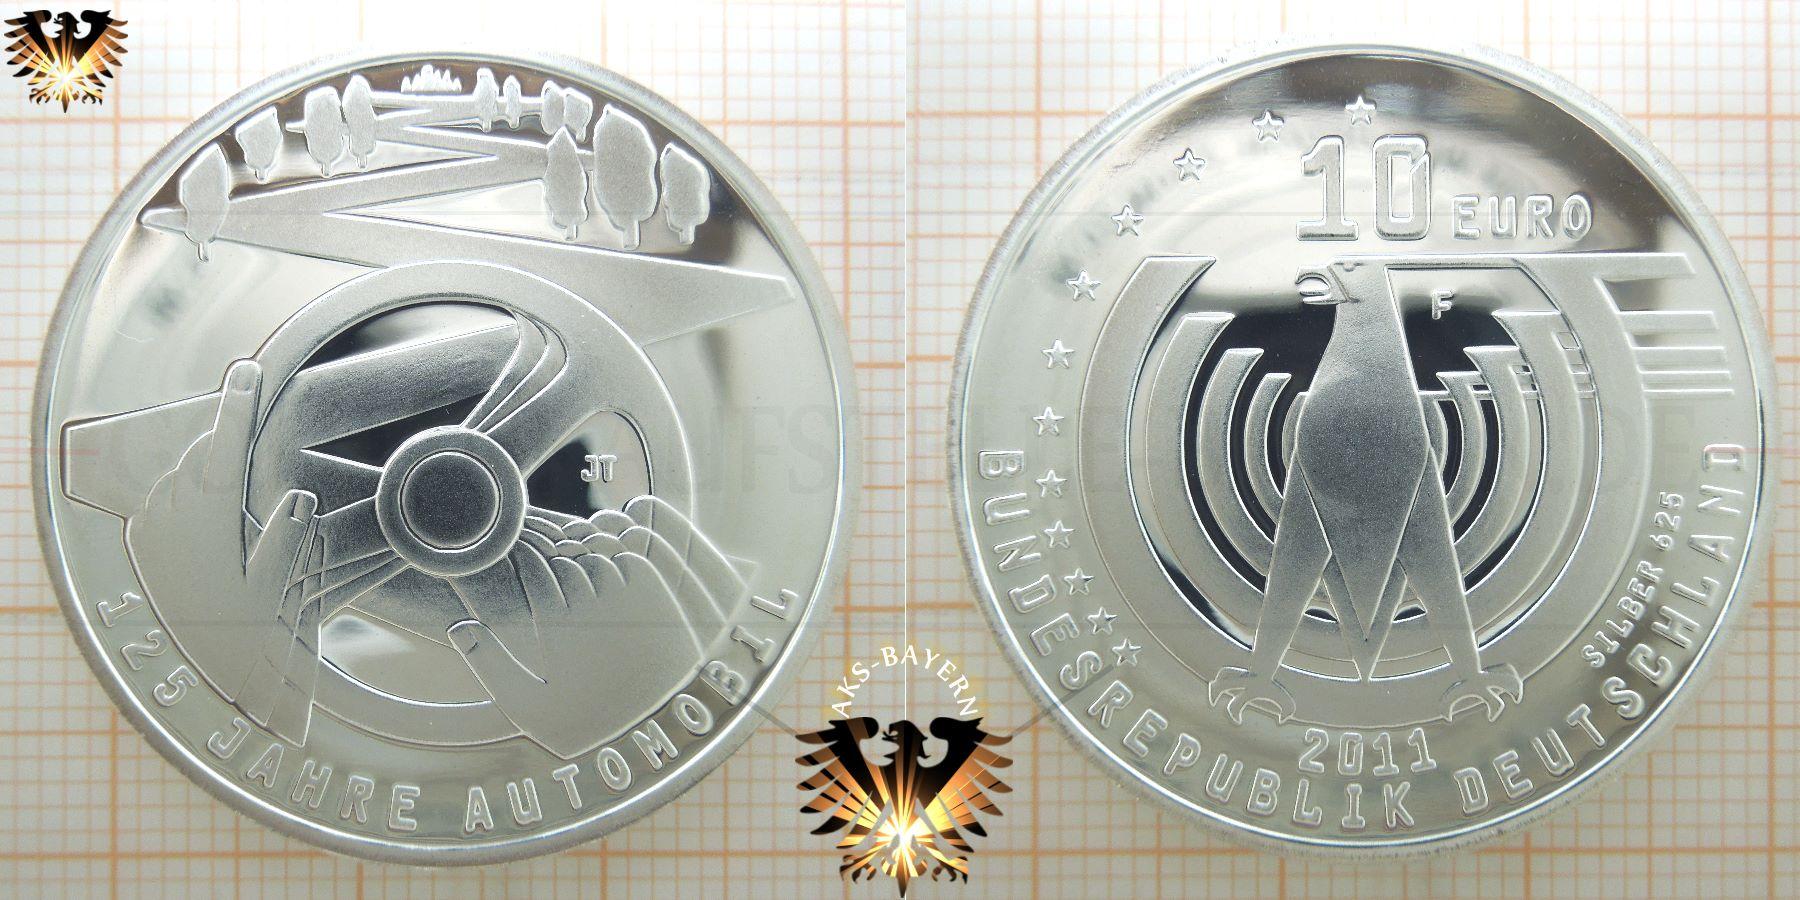 10 Brd 2011 F 125 Jahre Automobil Silbermünze Gedenkmünze